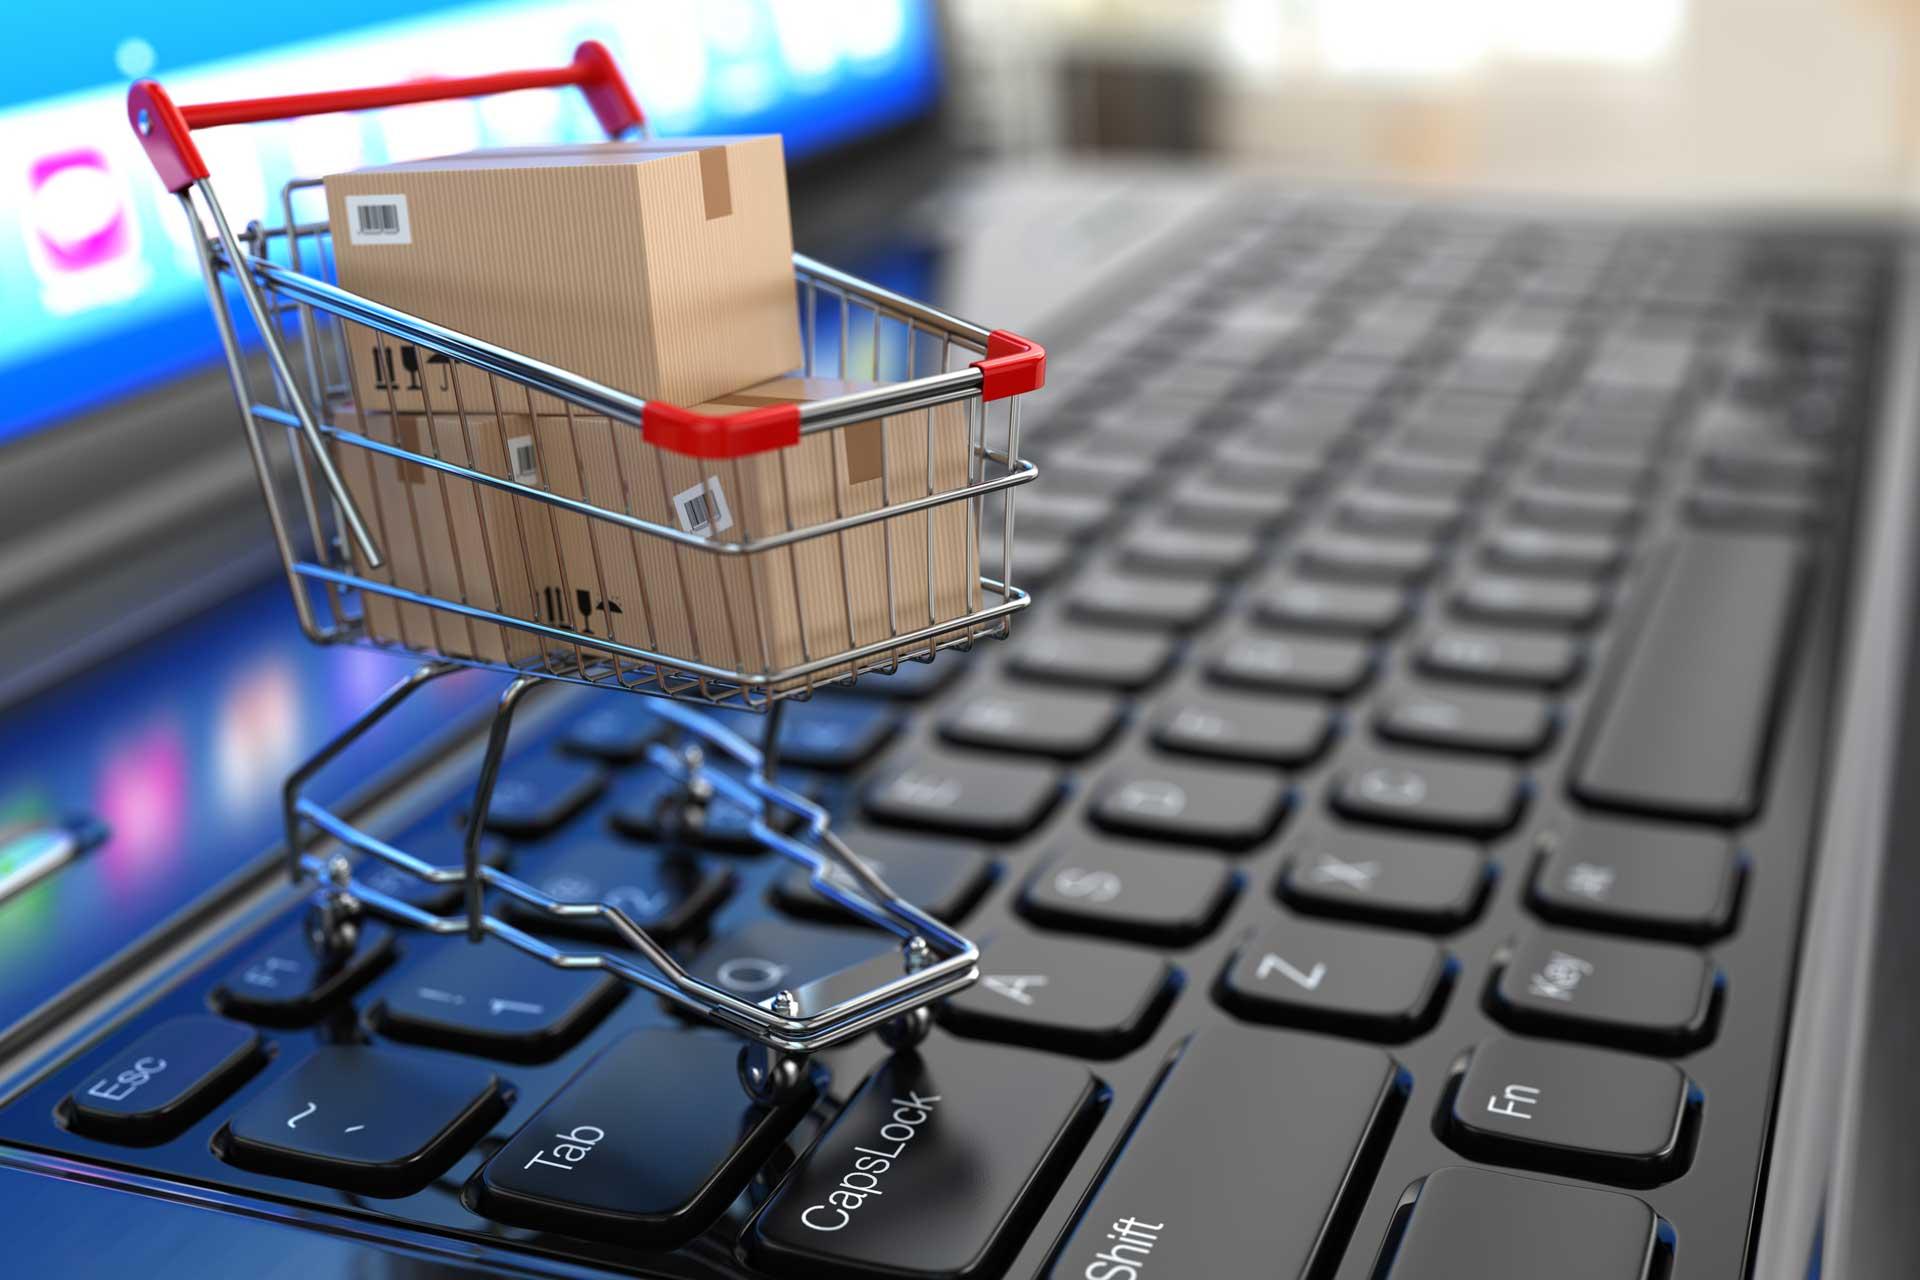 Na imagem, um carrinho de compras cheio pequeno se encontra em cima de um teclado de notebook, ilustrando o inbound commerce